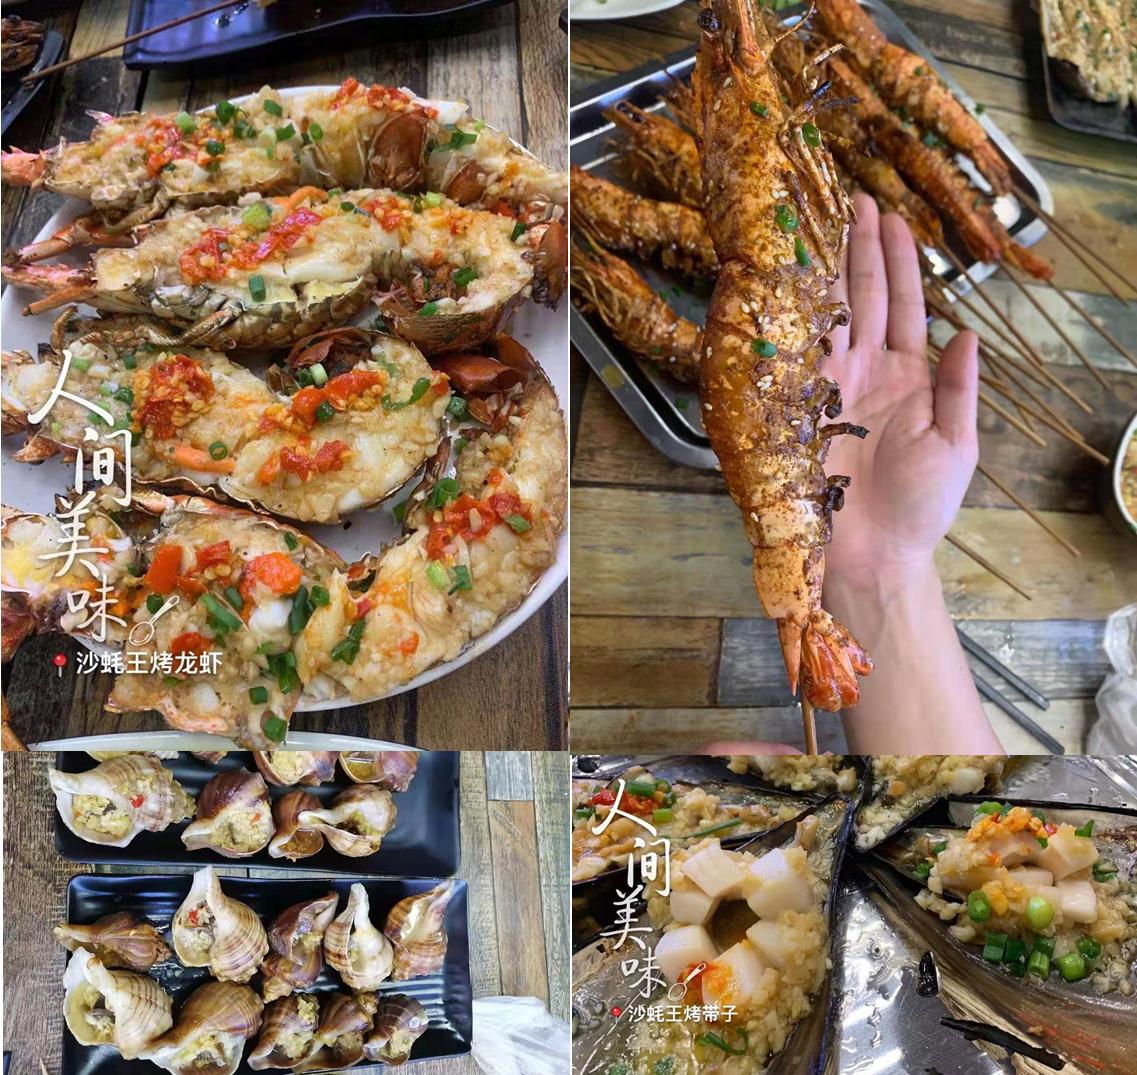 沙蚝王烧烤:精选高品质生蚝,致力打造海鲜烧烤连锁国民品牌